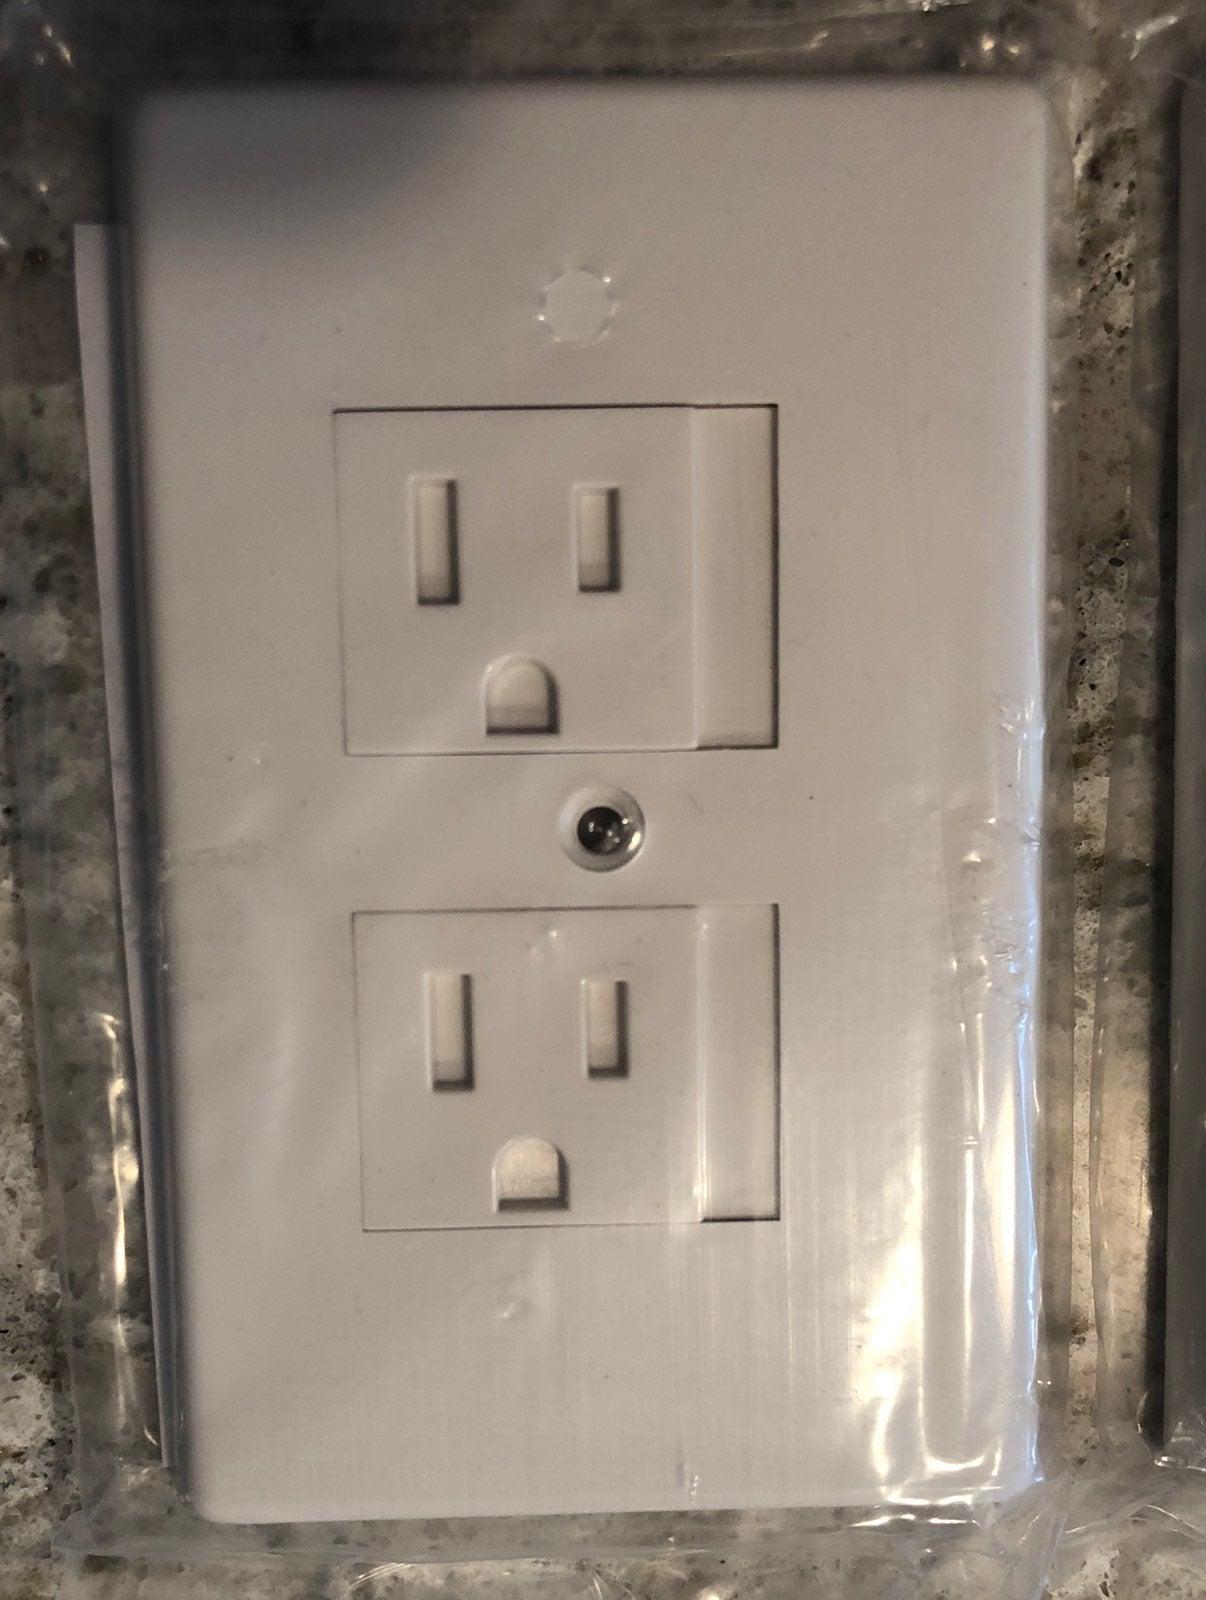 Kids safety sliding electrical outlet pl